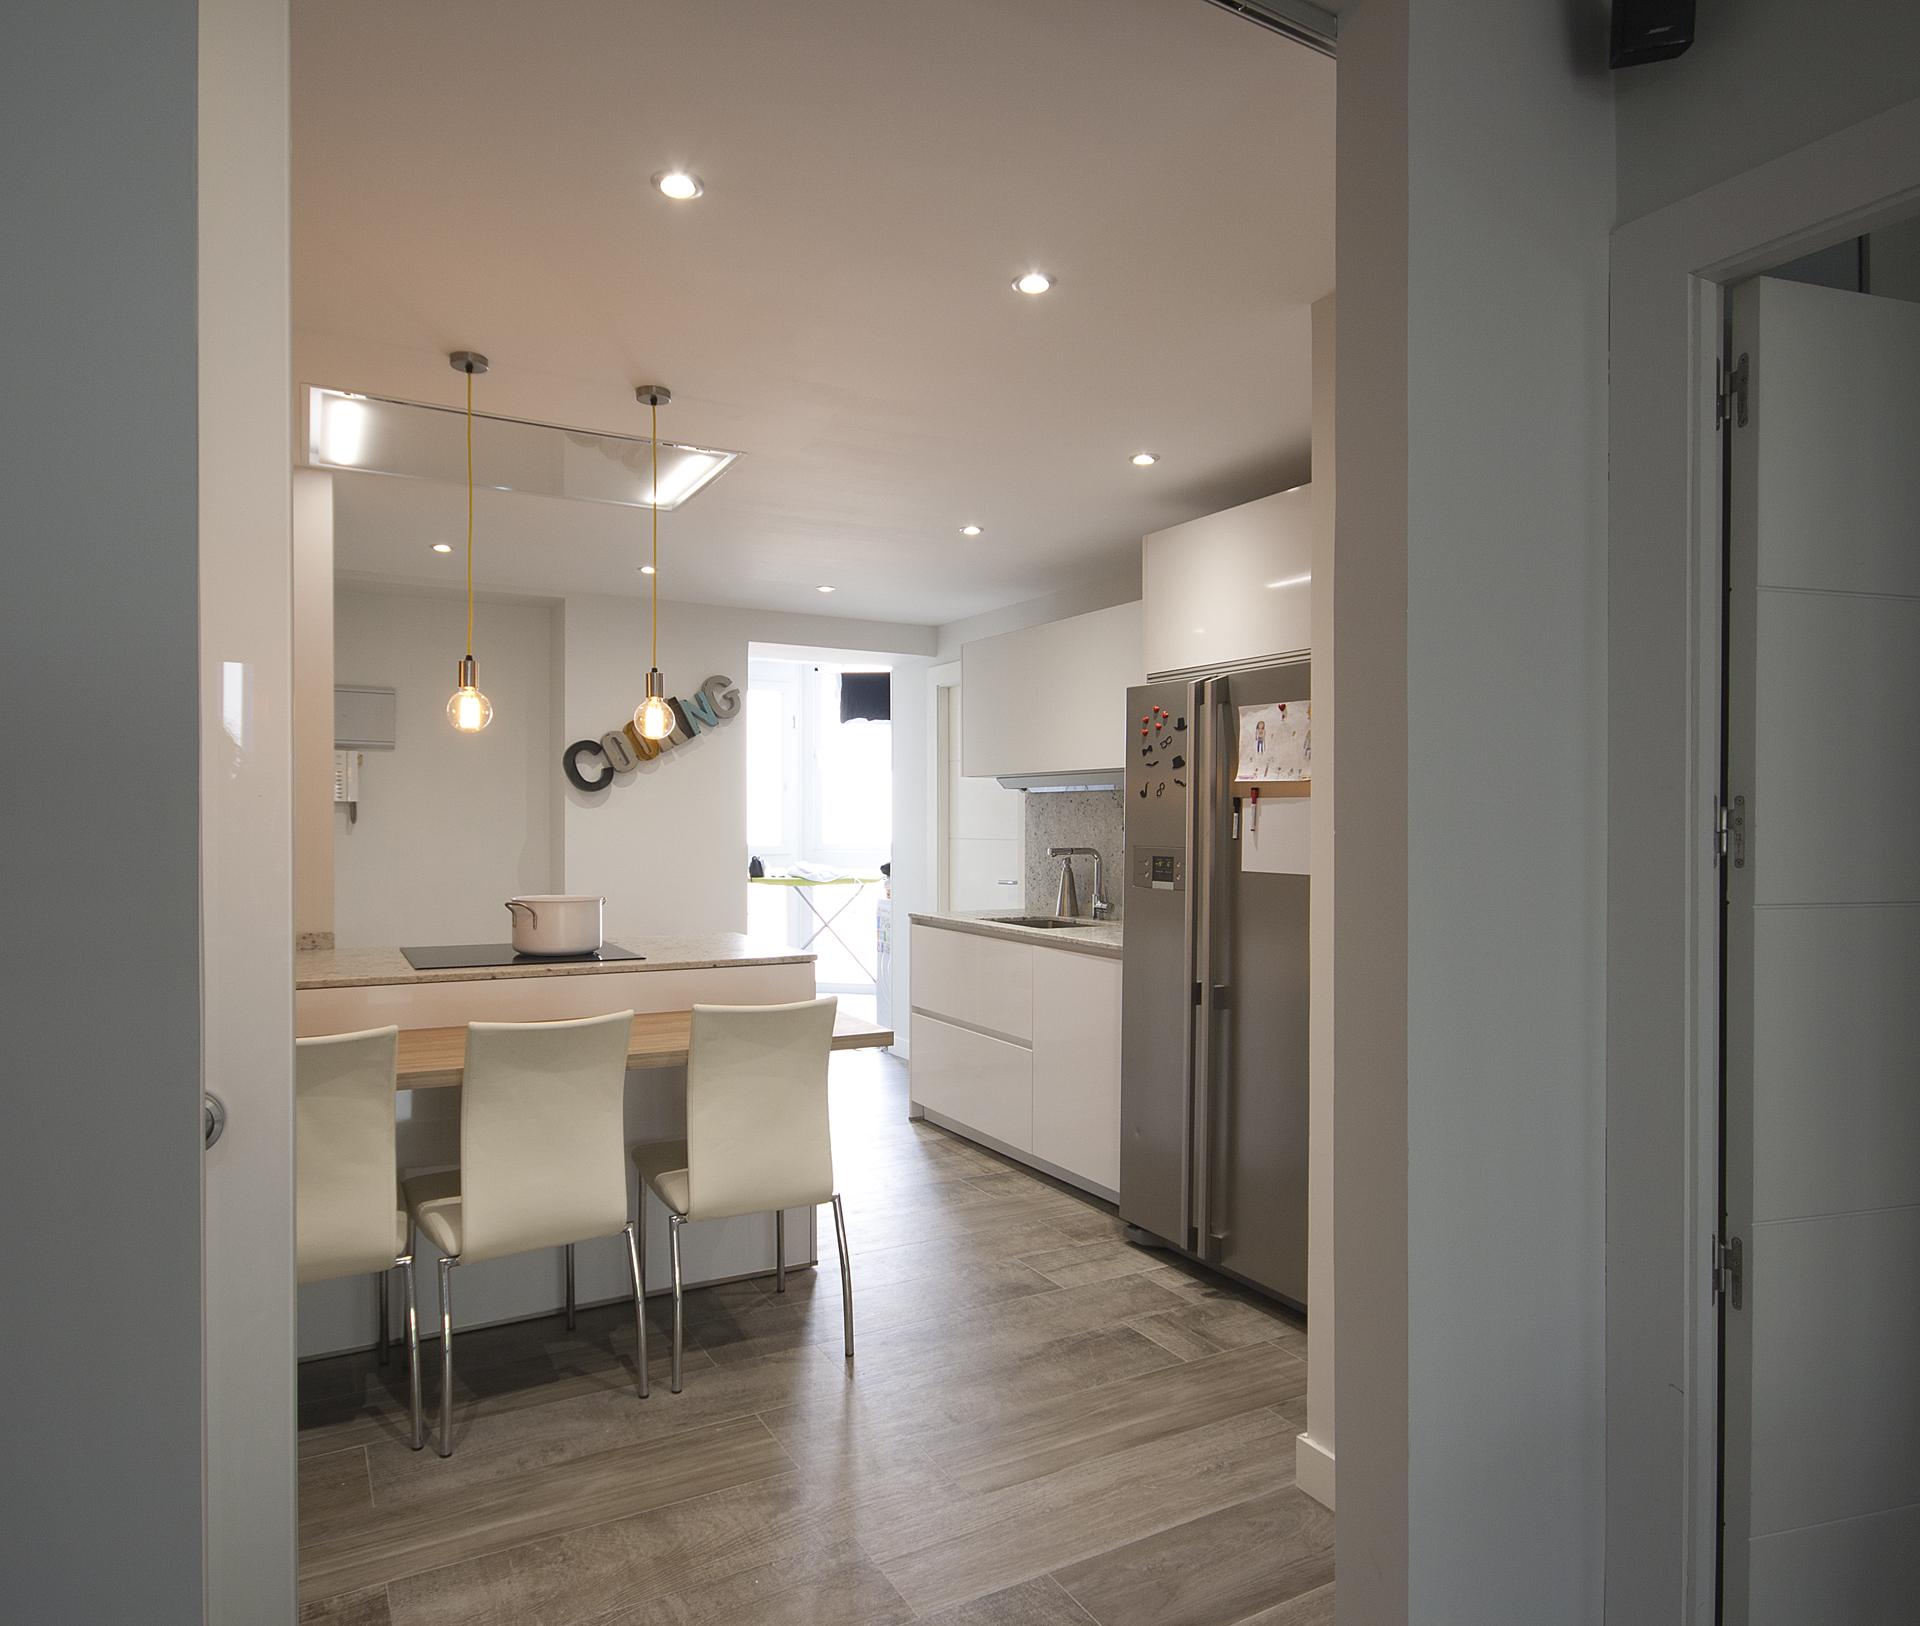 Puertas abiertas la pen nsula como soluci n en una cocina for Puertas correderas pequenas